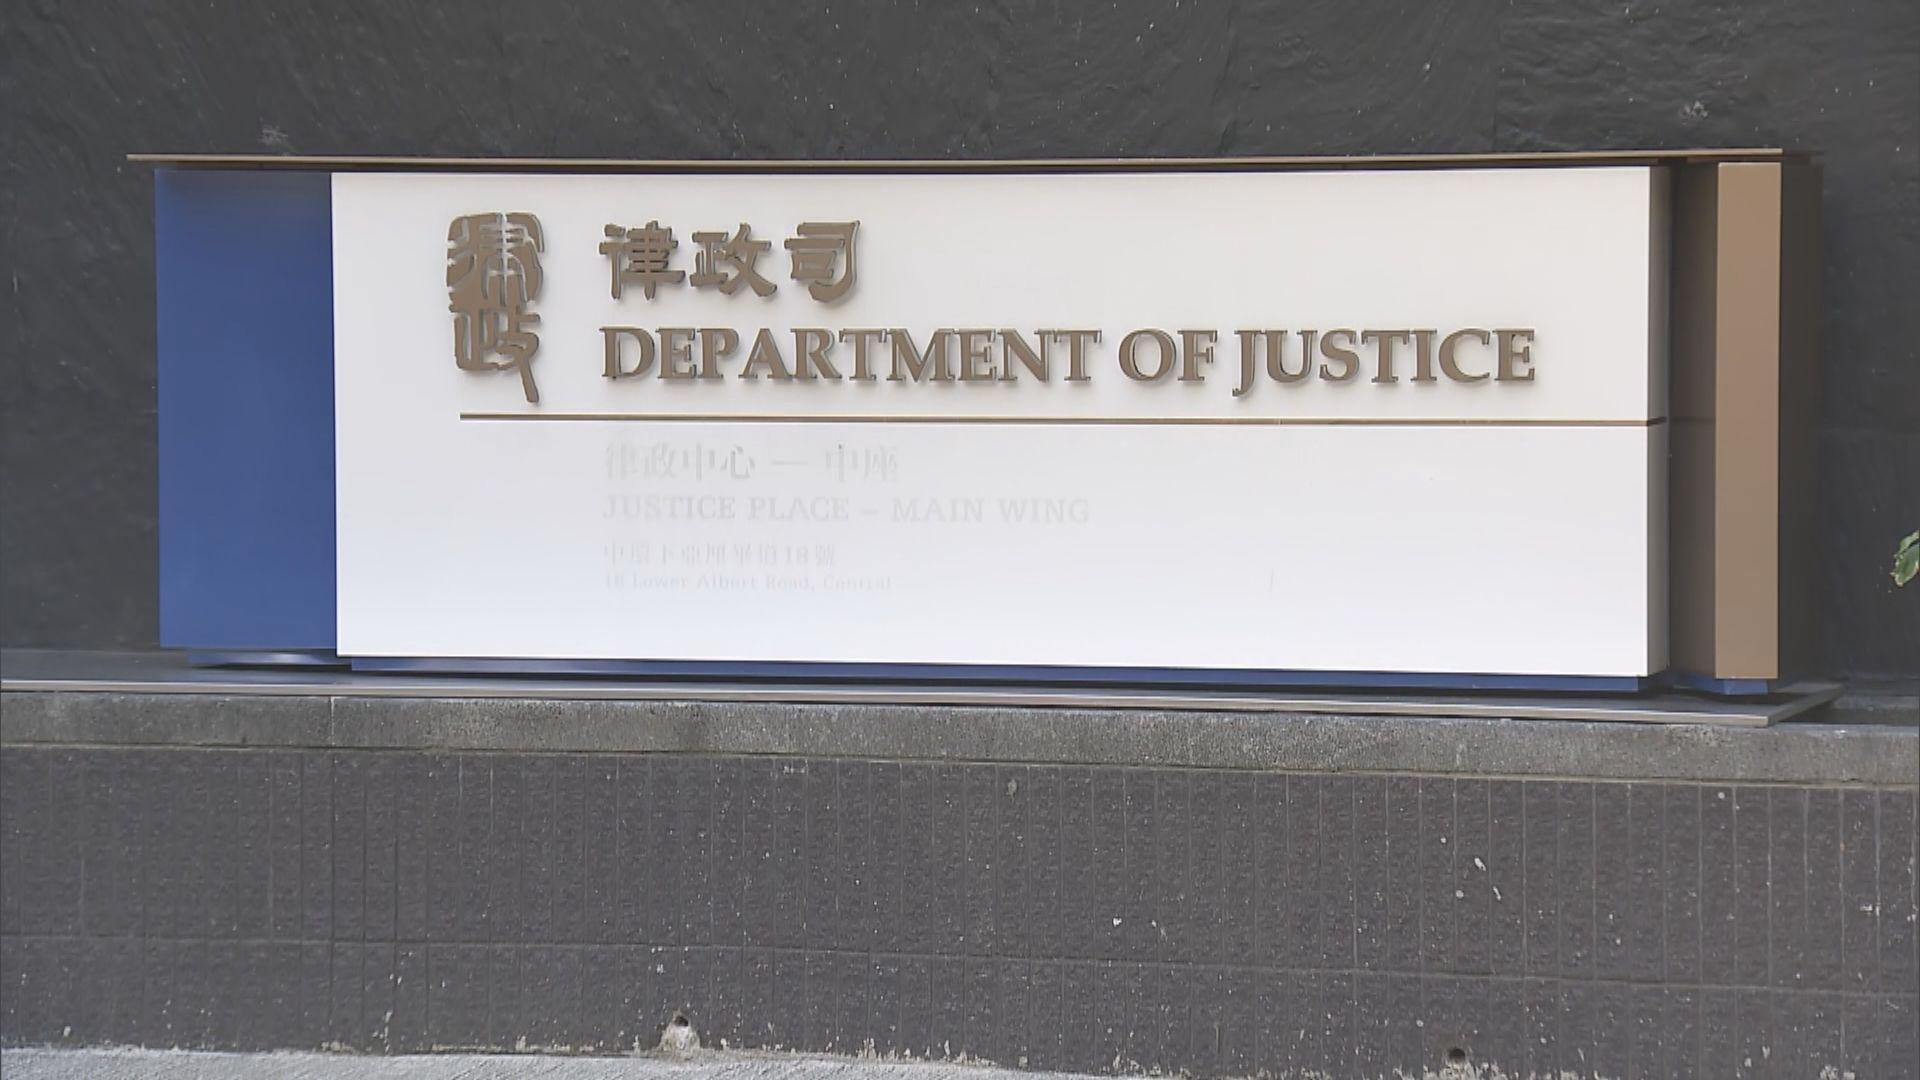 據悉唐英傑案三名法官接電話恐嚇 司法機構指已報警